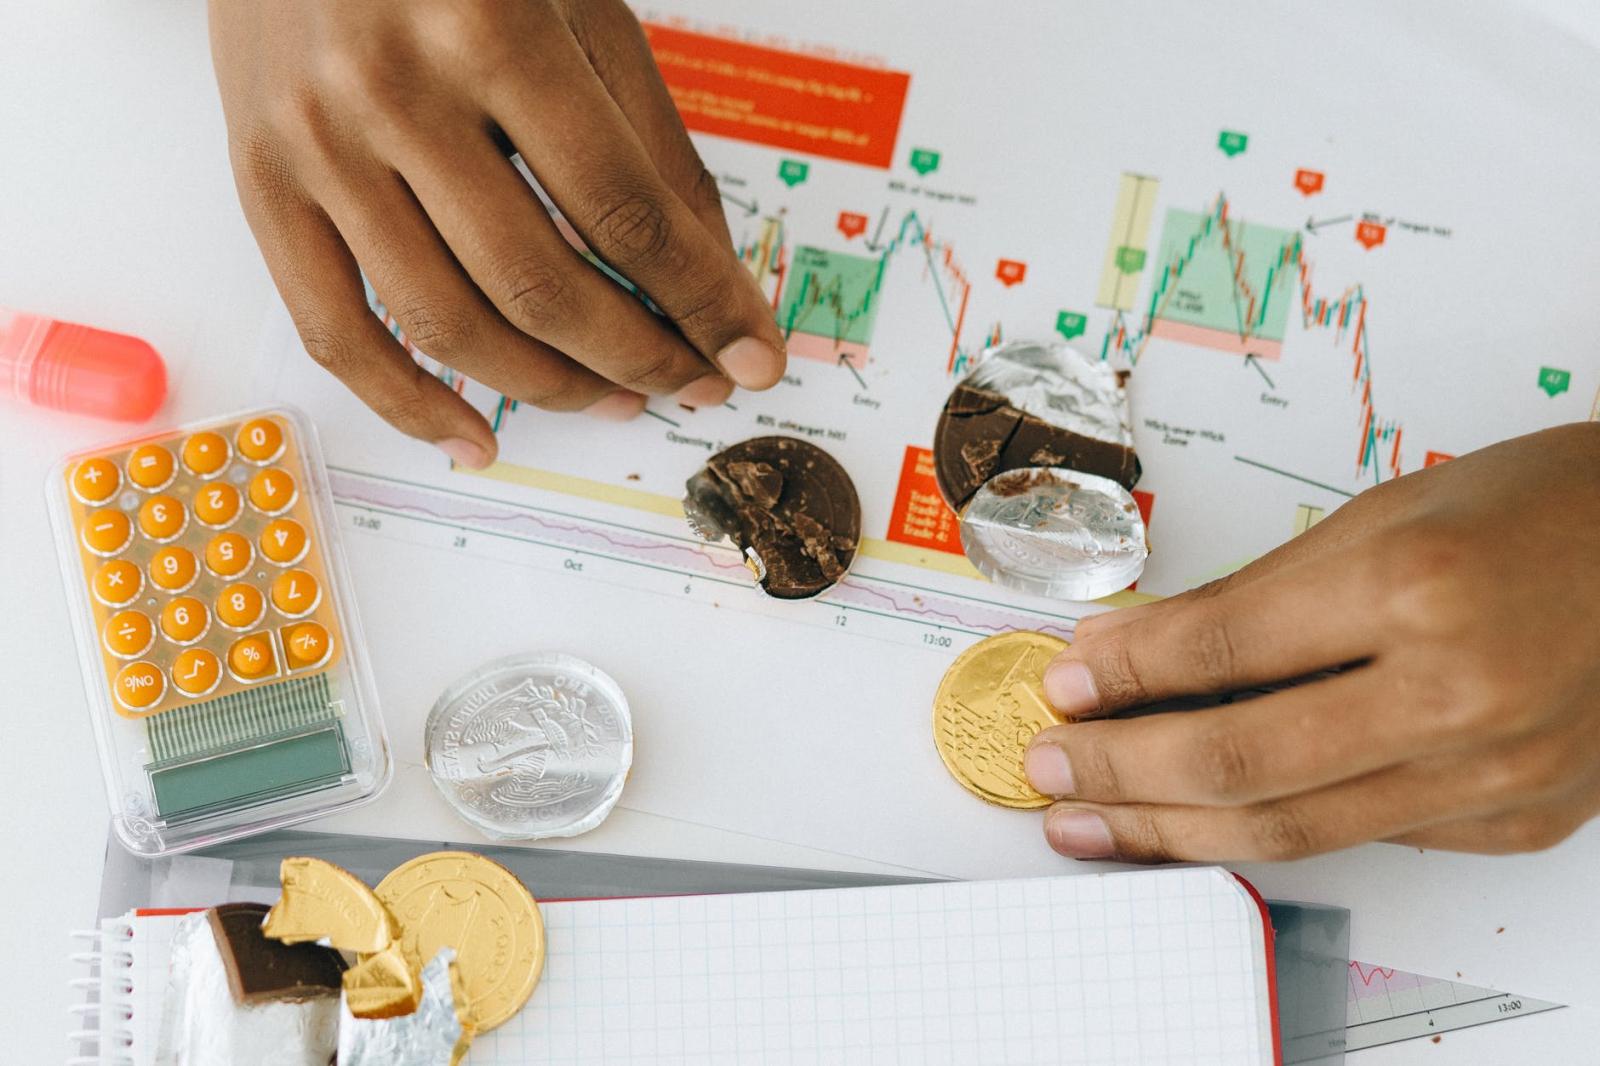 【理財專知】什麼是投資資產配置?比例該怎麼搭配?